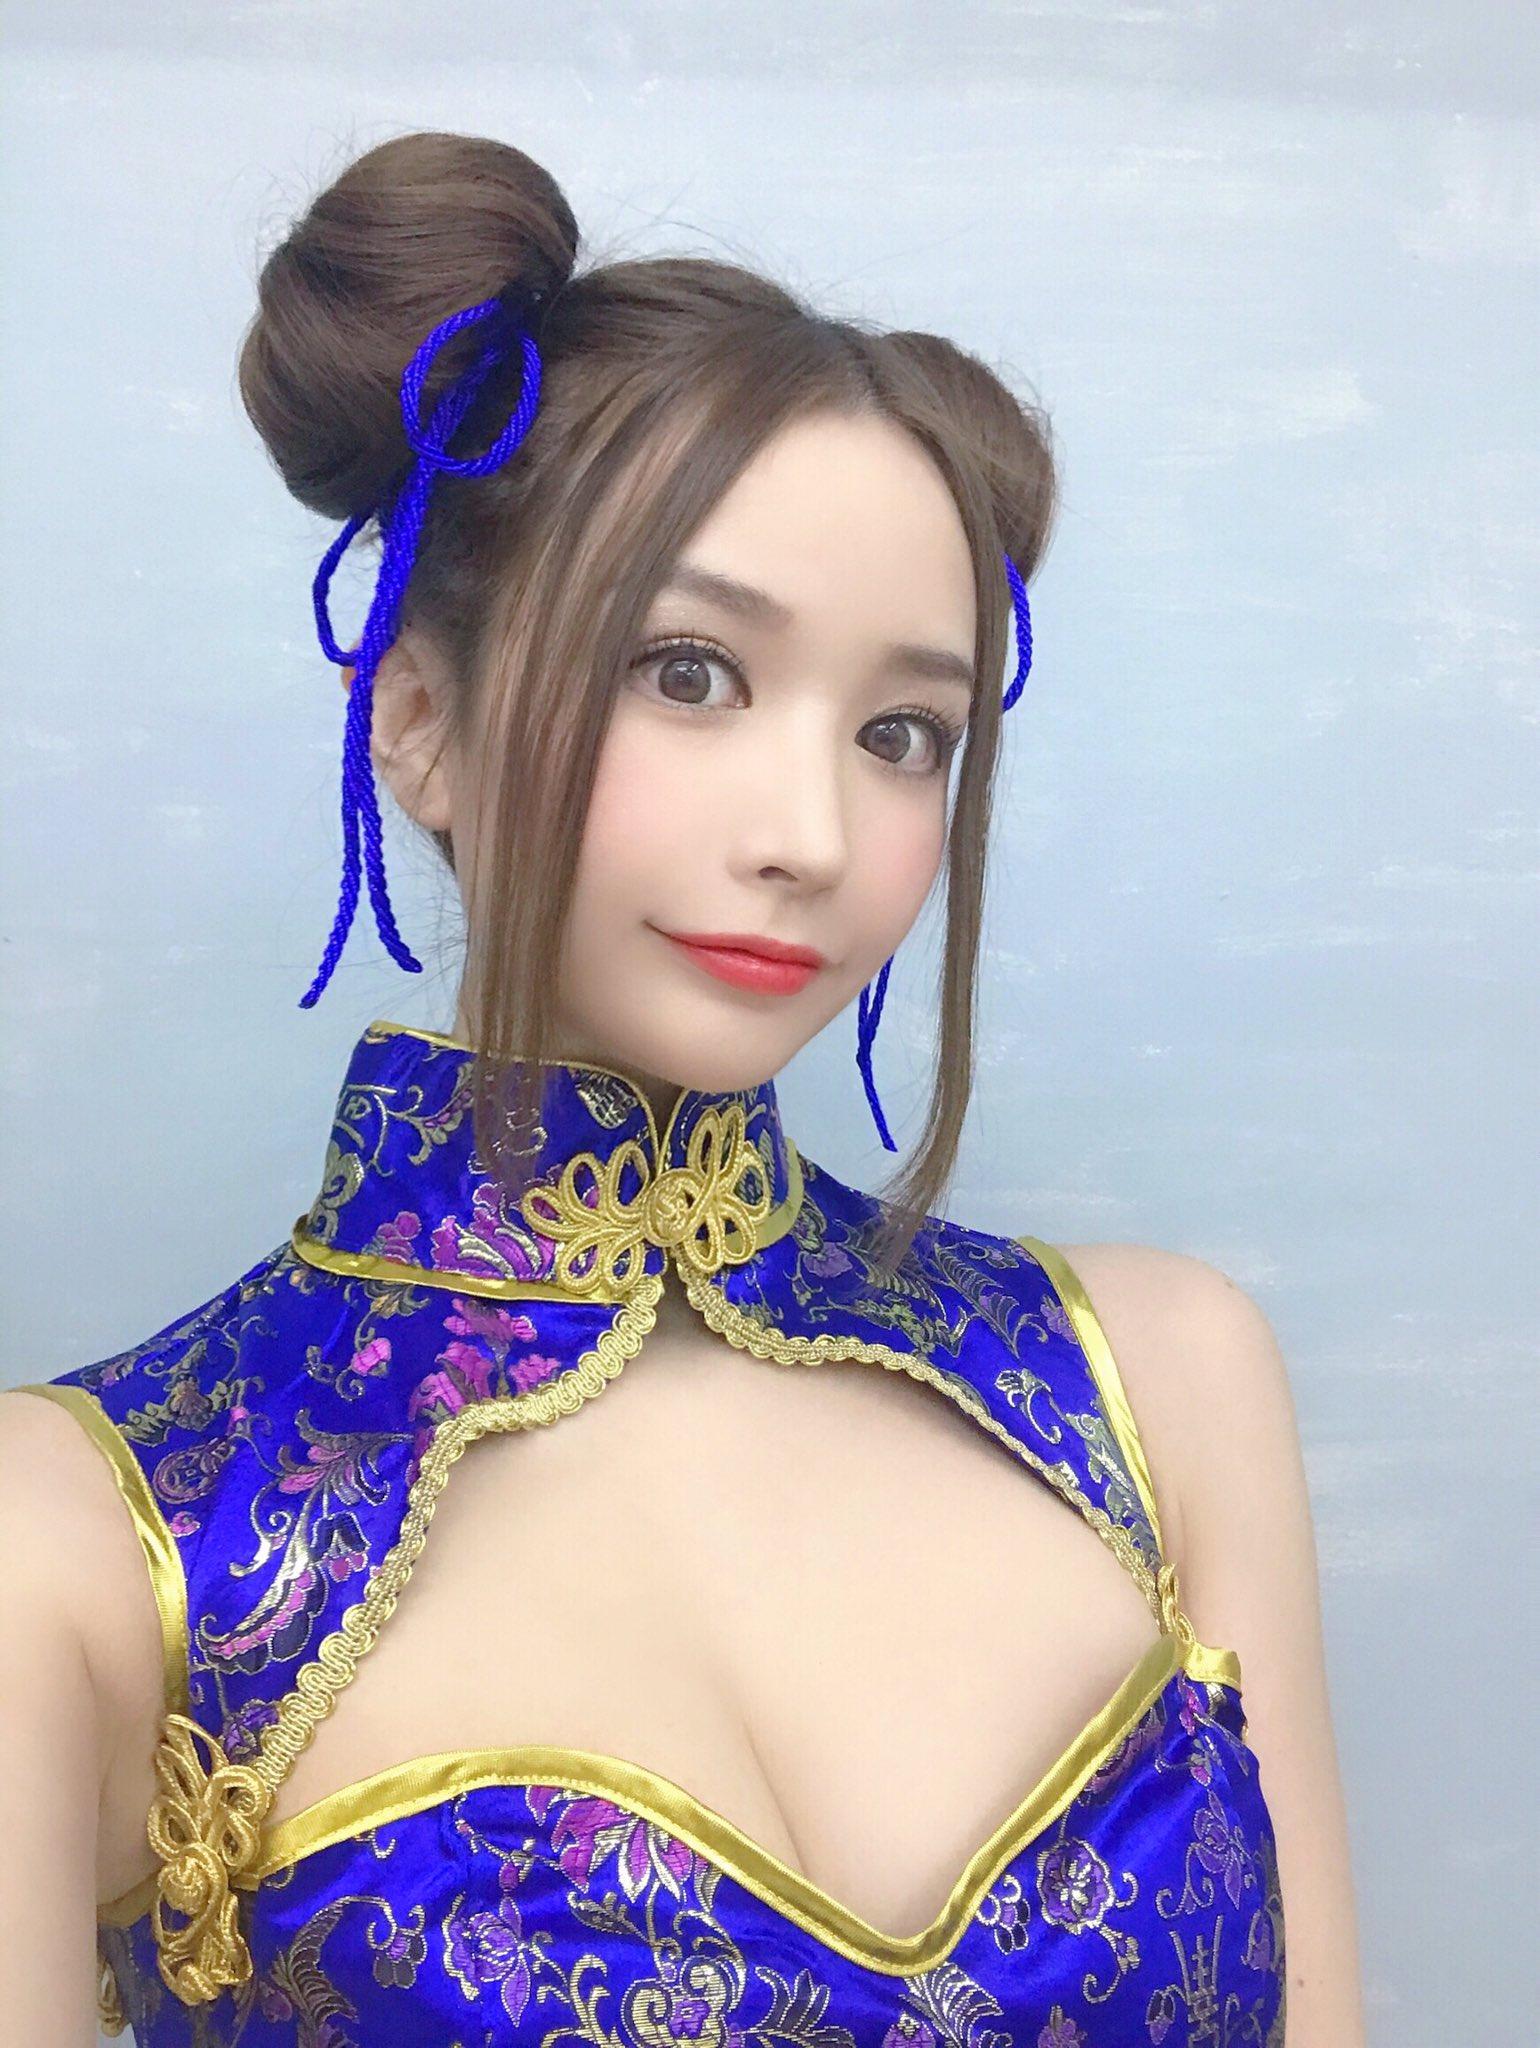 yoshimi_iyo171.jpg